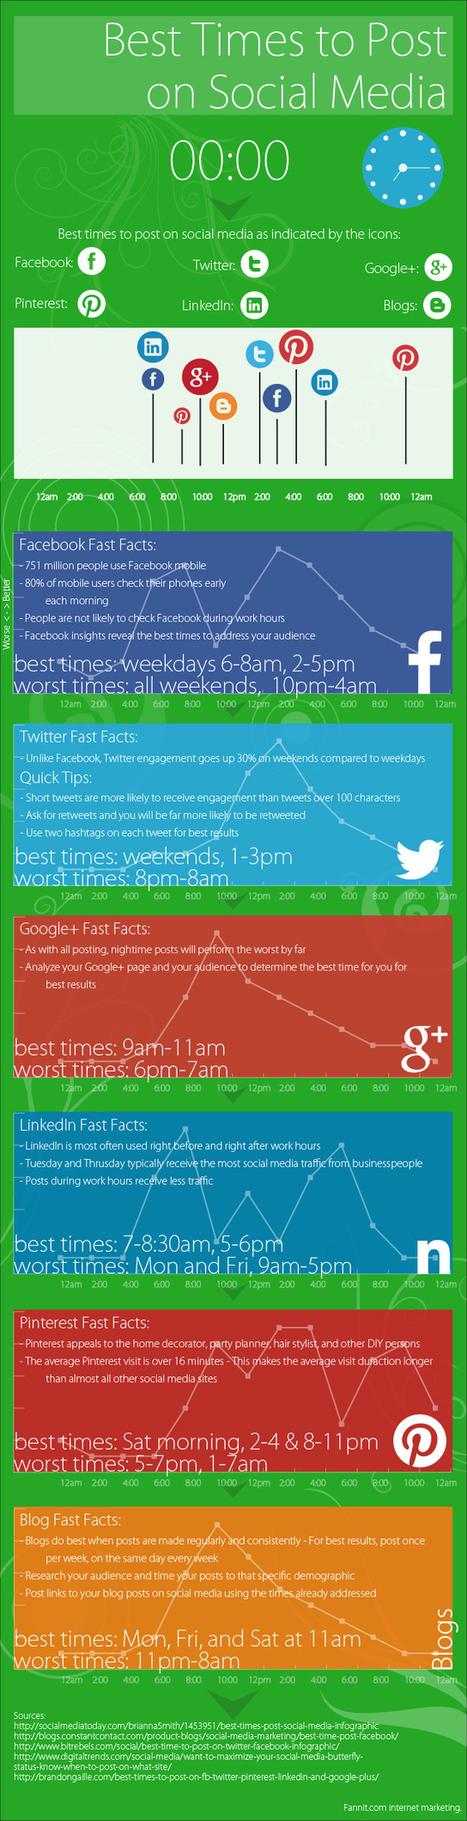 Social Média: Mikor posztoljak? | SzinteOnline Marketing Szakértő ... | Small business news | Scoop.it